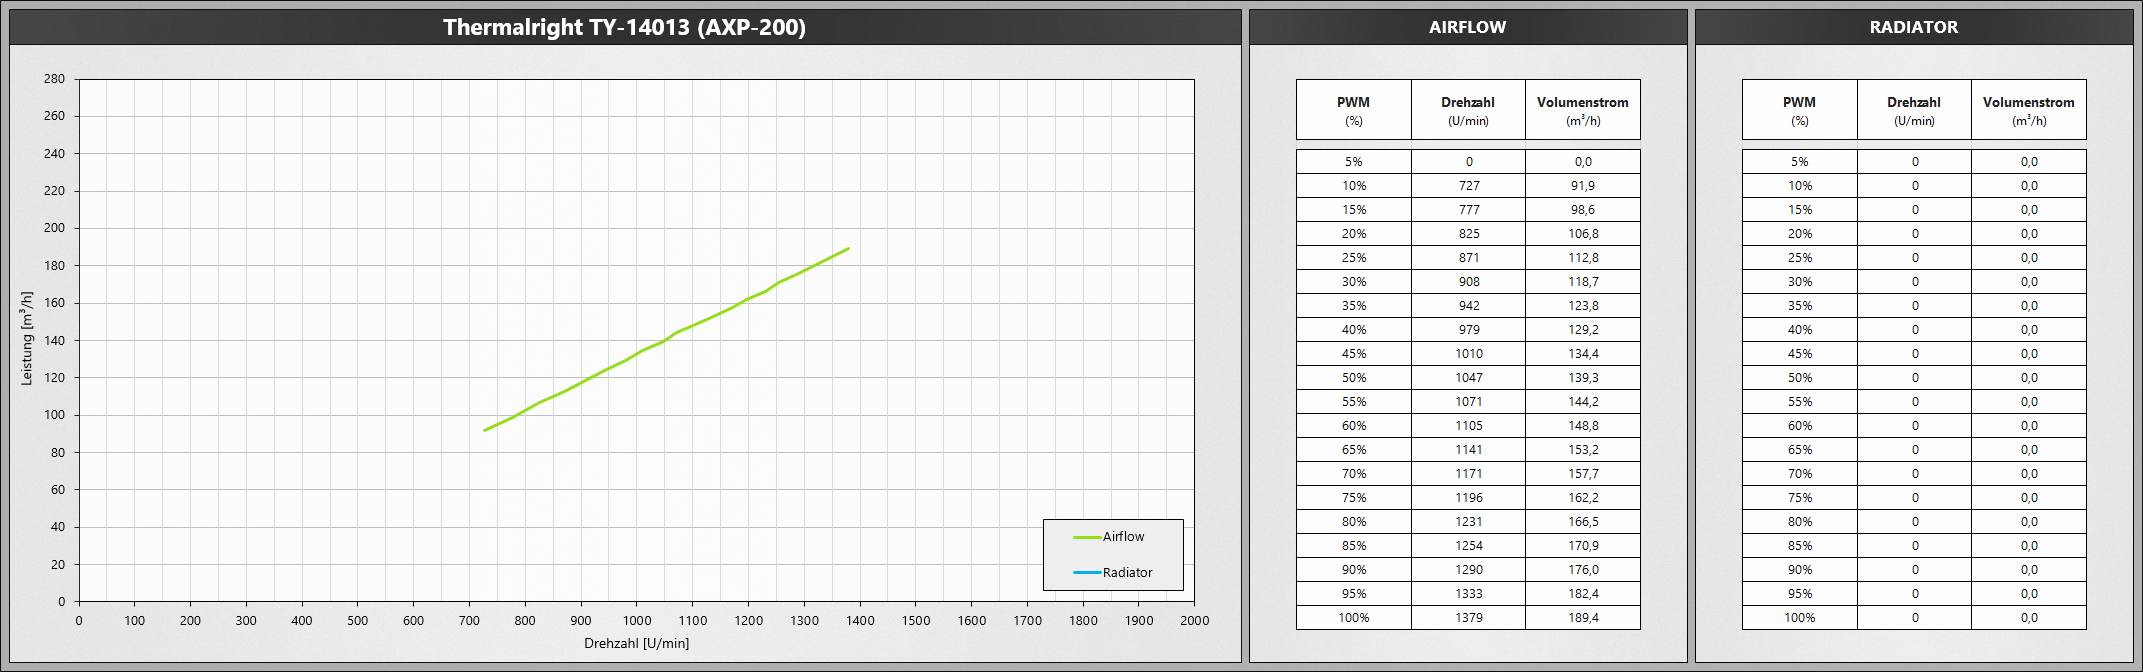 Klicken Sie auf die Grafik für eine größere Ansicht  Name:TR14013-AXP200.png Hits:651 Größe:467,6 KB ID:1074790